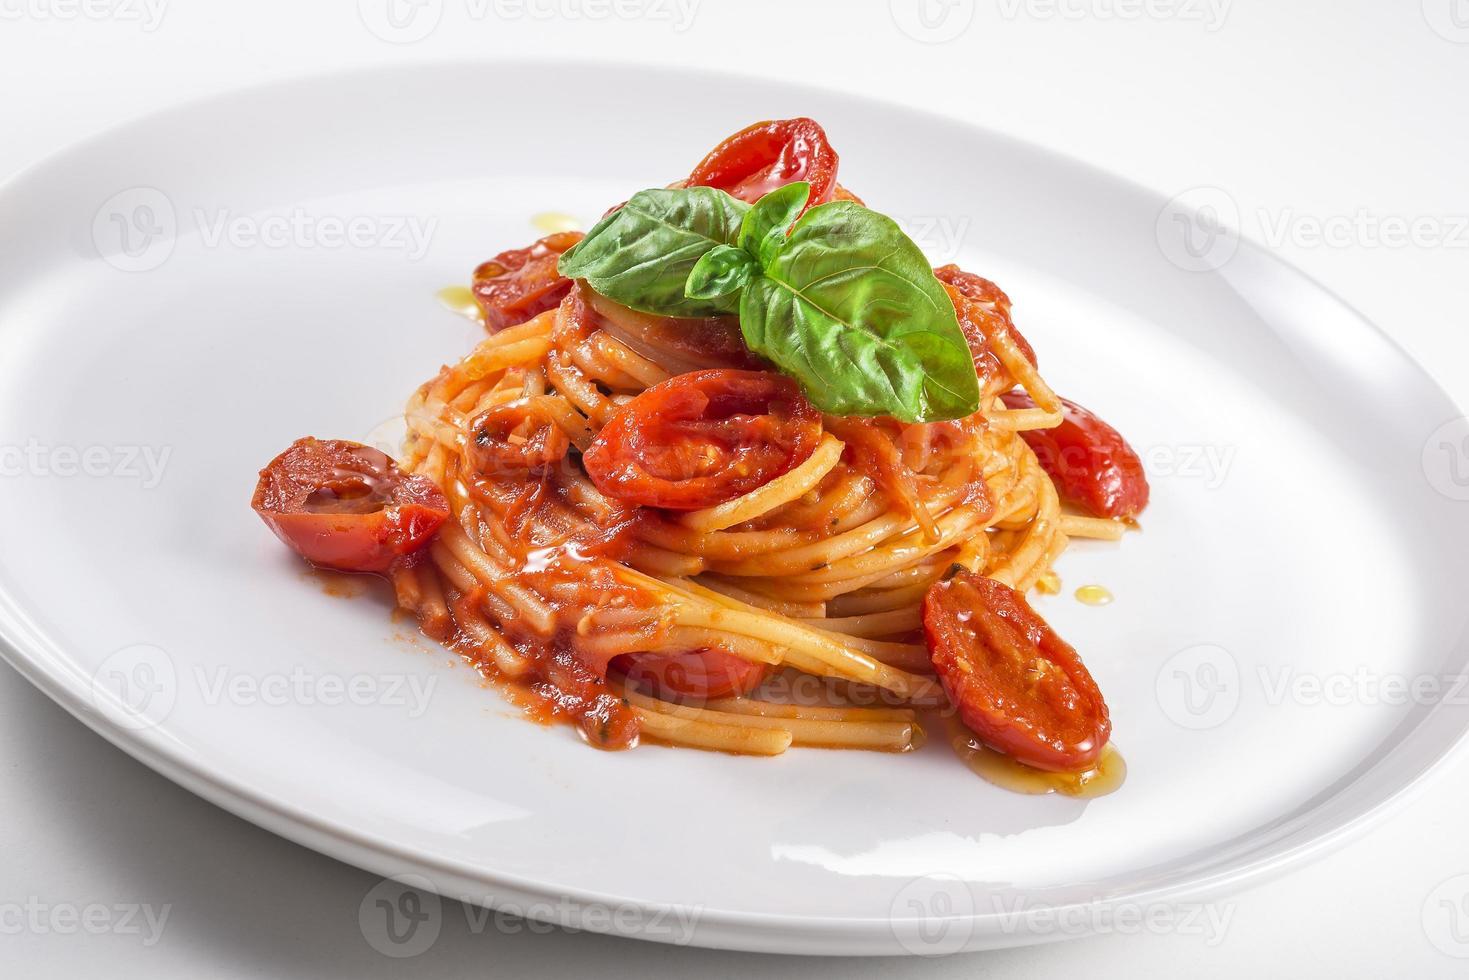 plato de espaguetis con tomate y albahaca foto